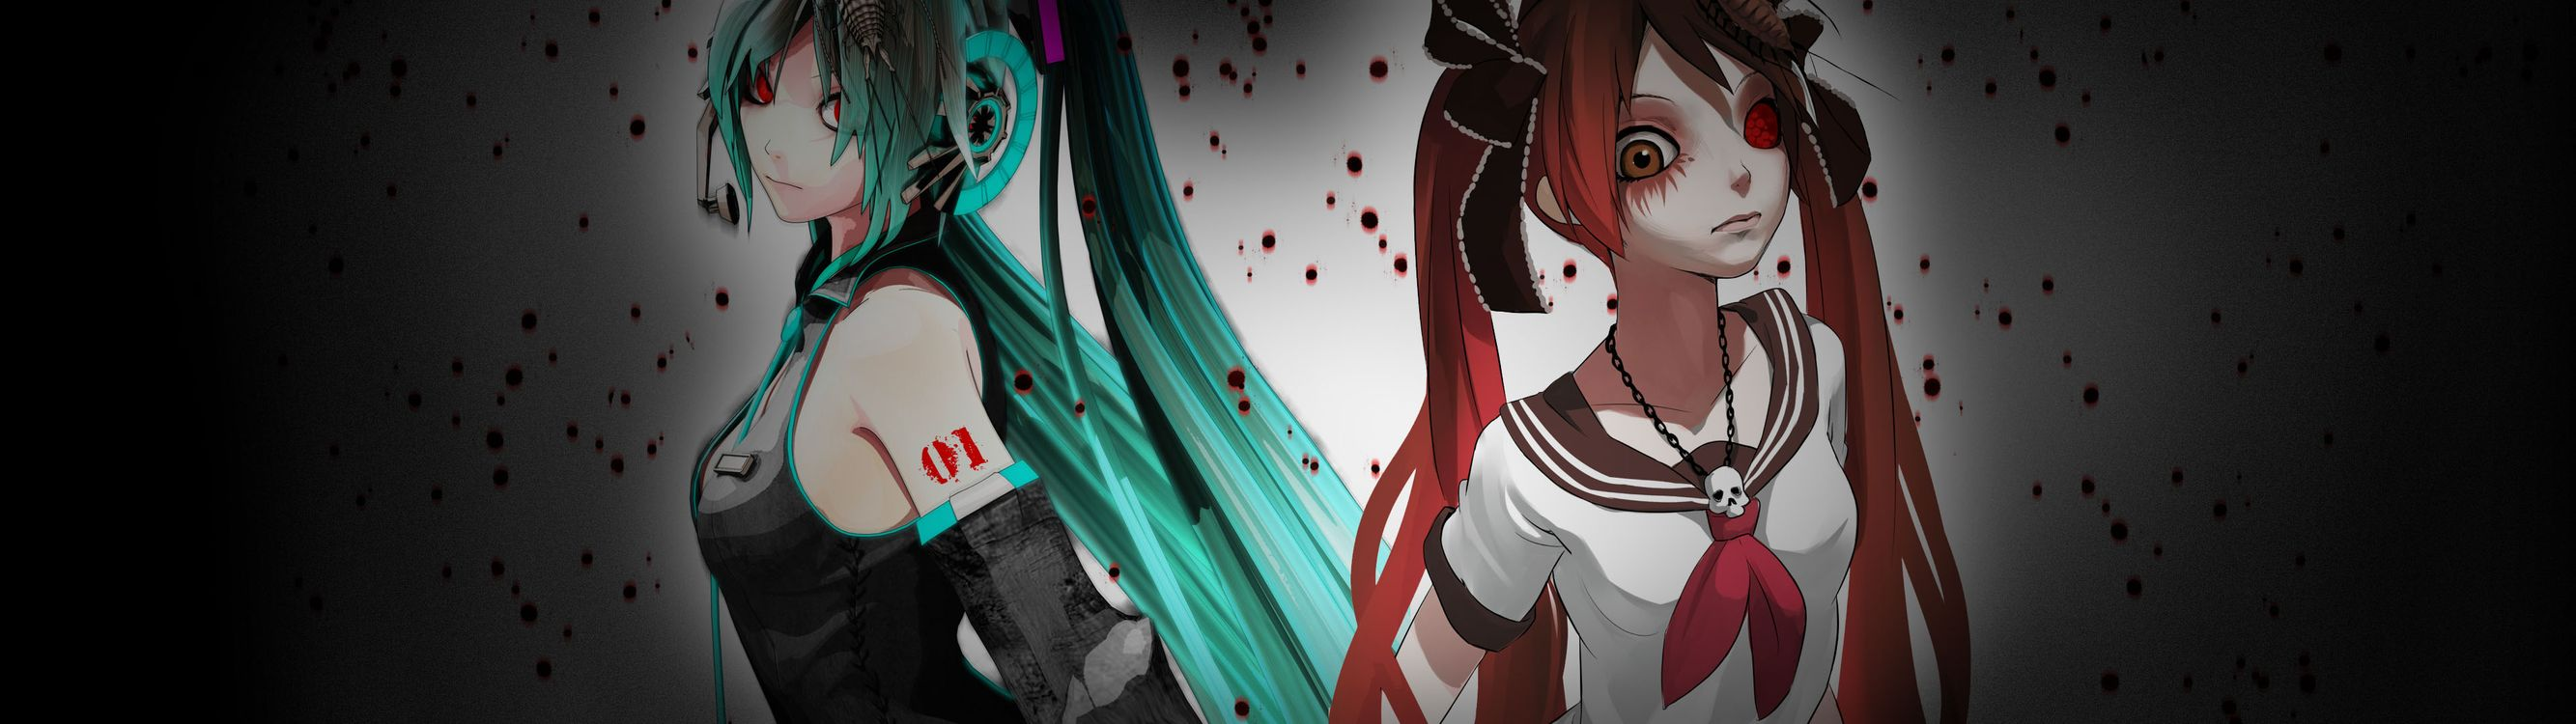 Hatsune Miku · бесплатное фото